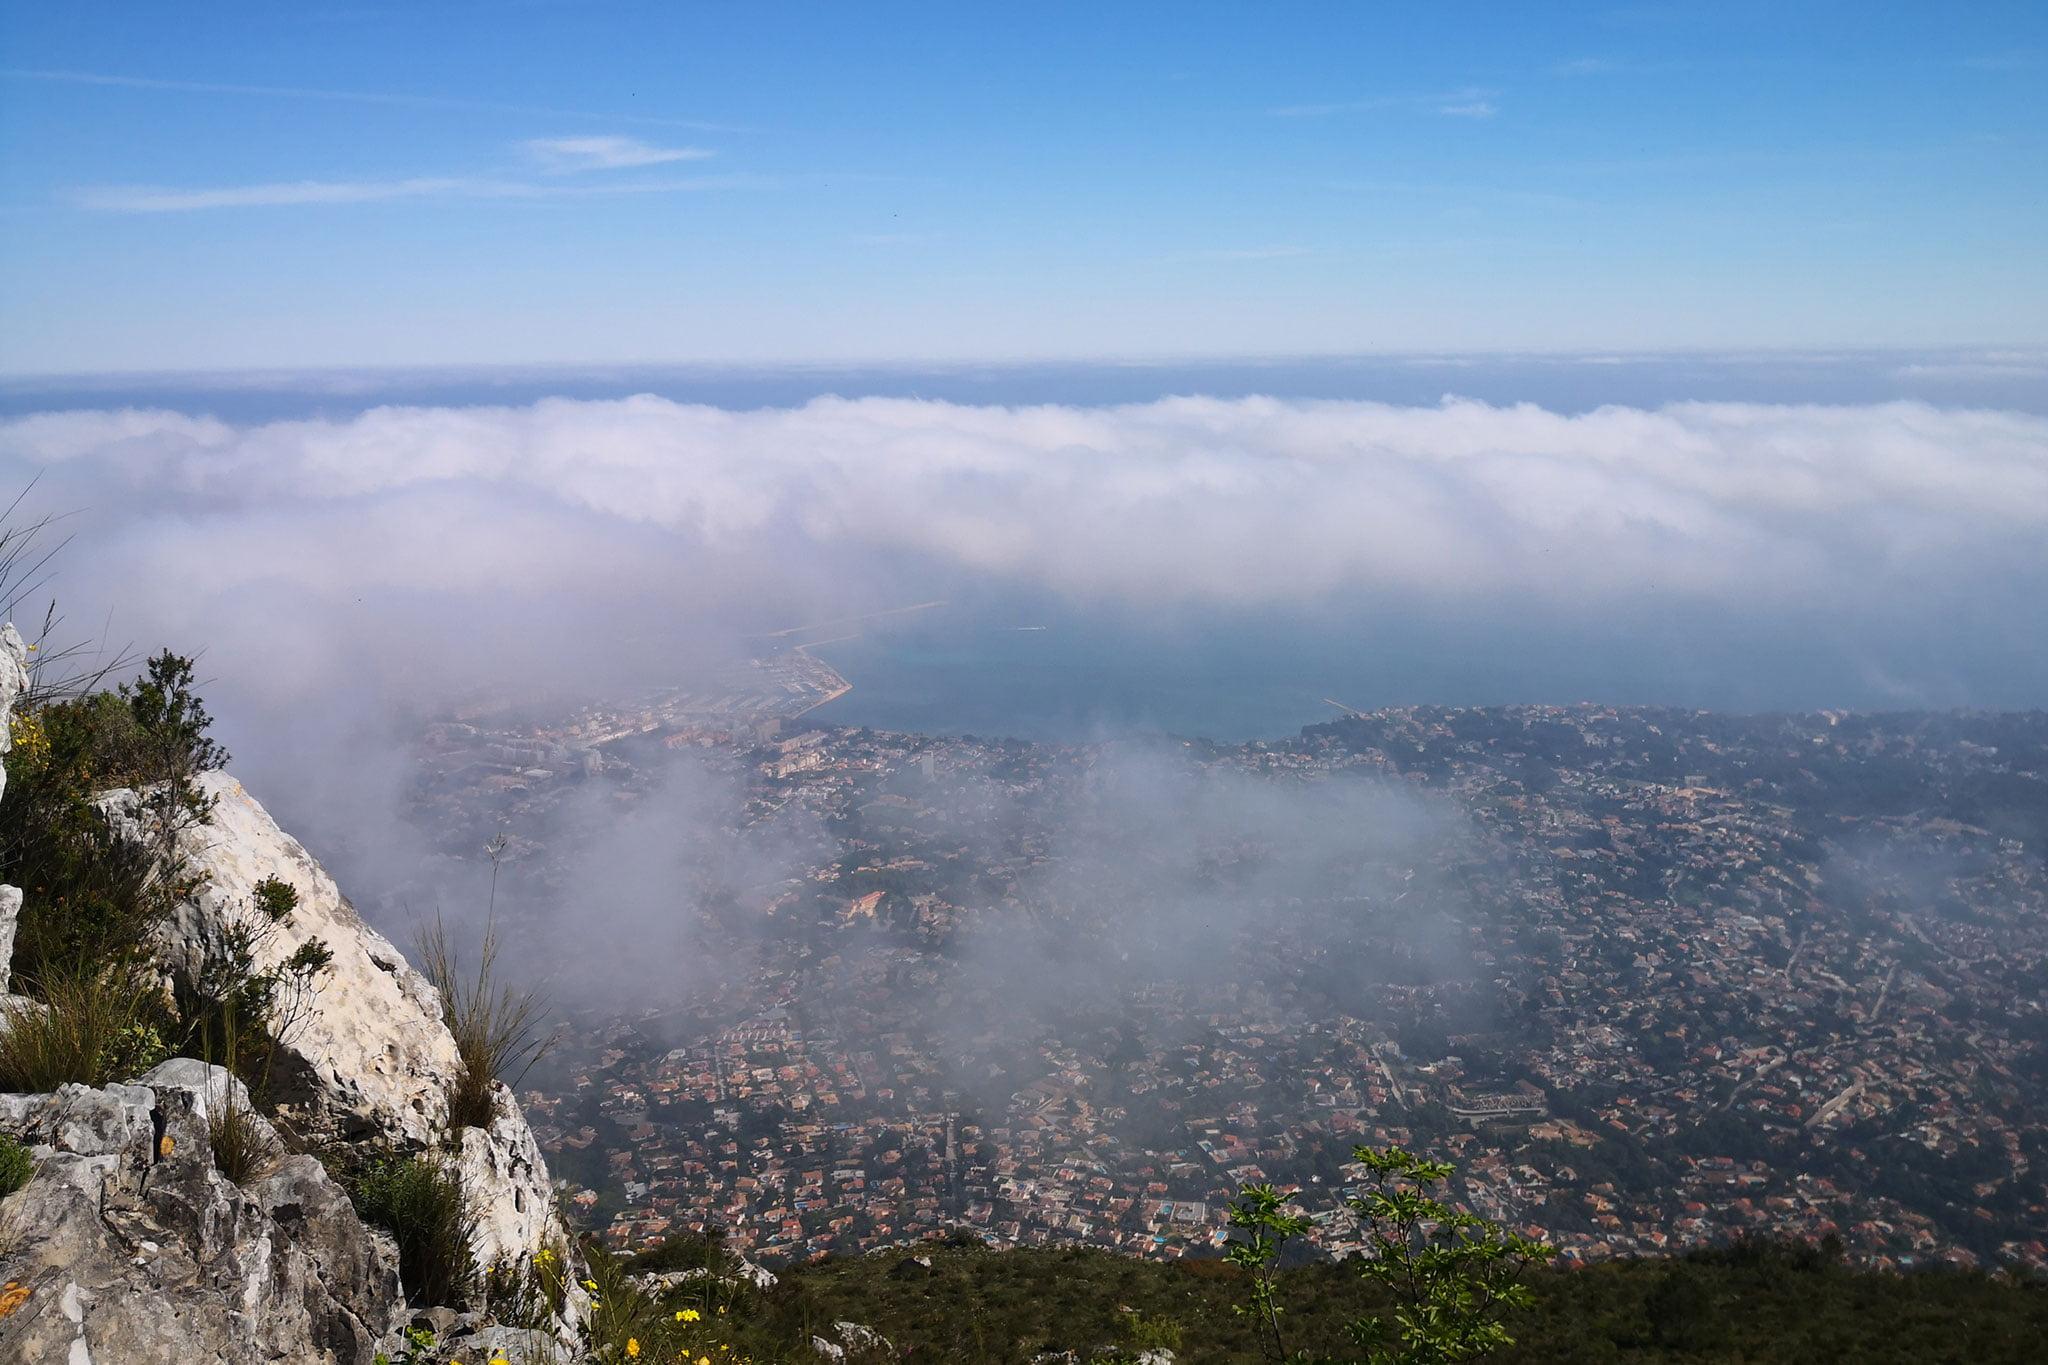 Vista de Dénia desde la cresta rocosa del Montgó